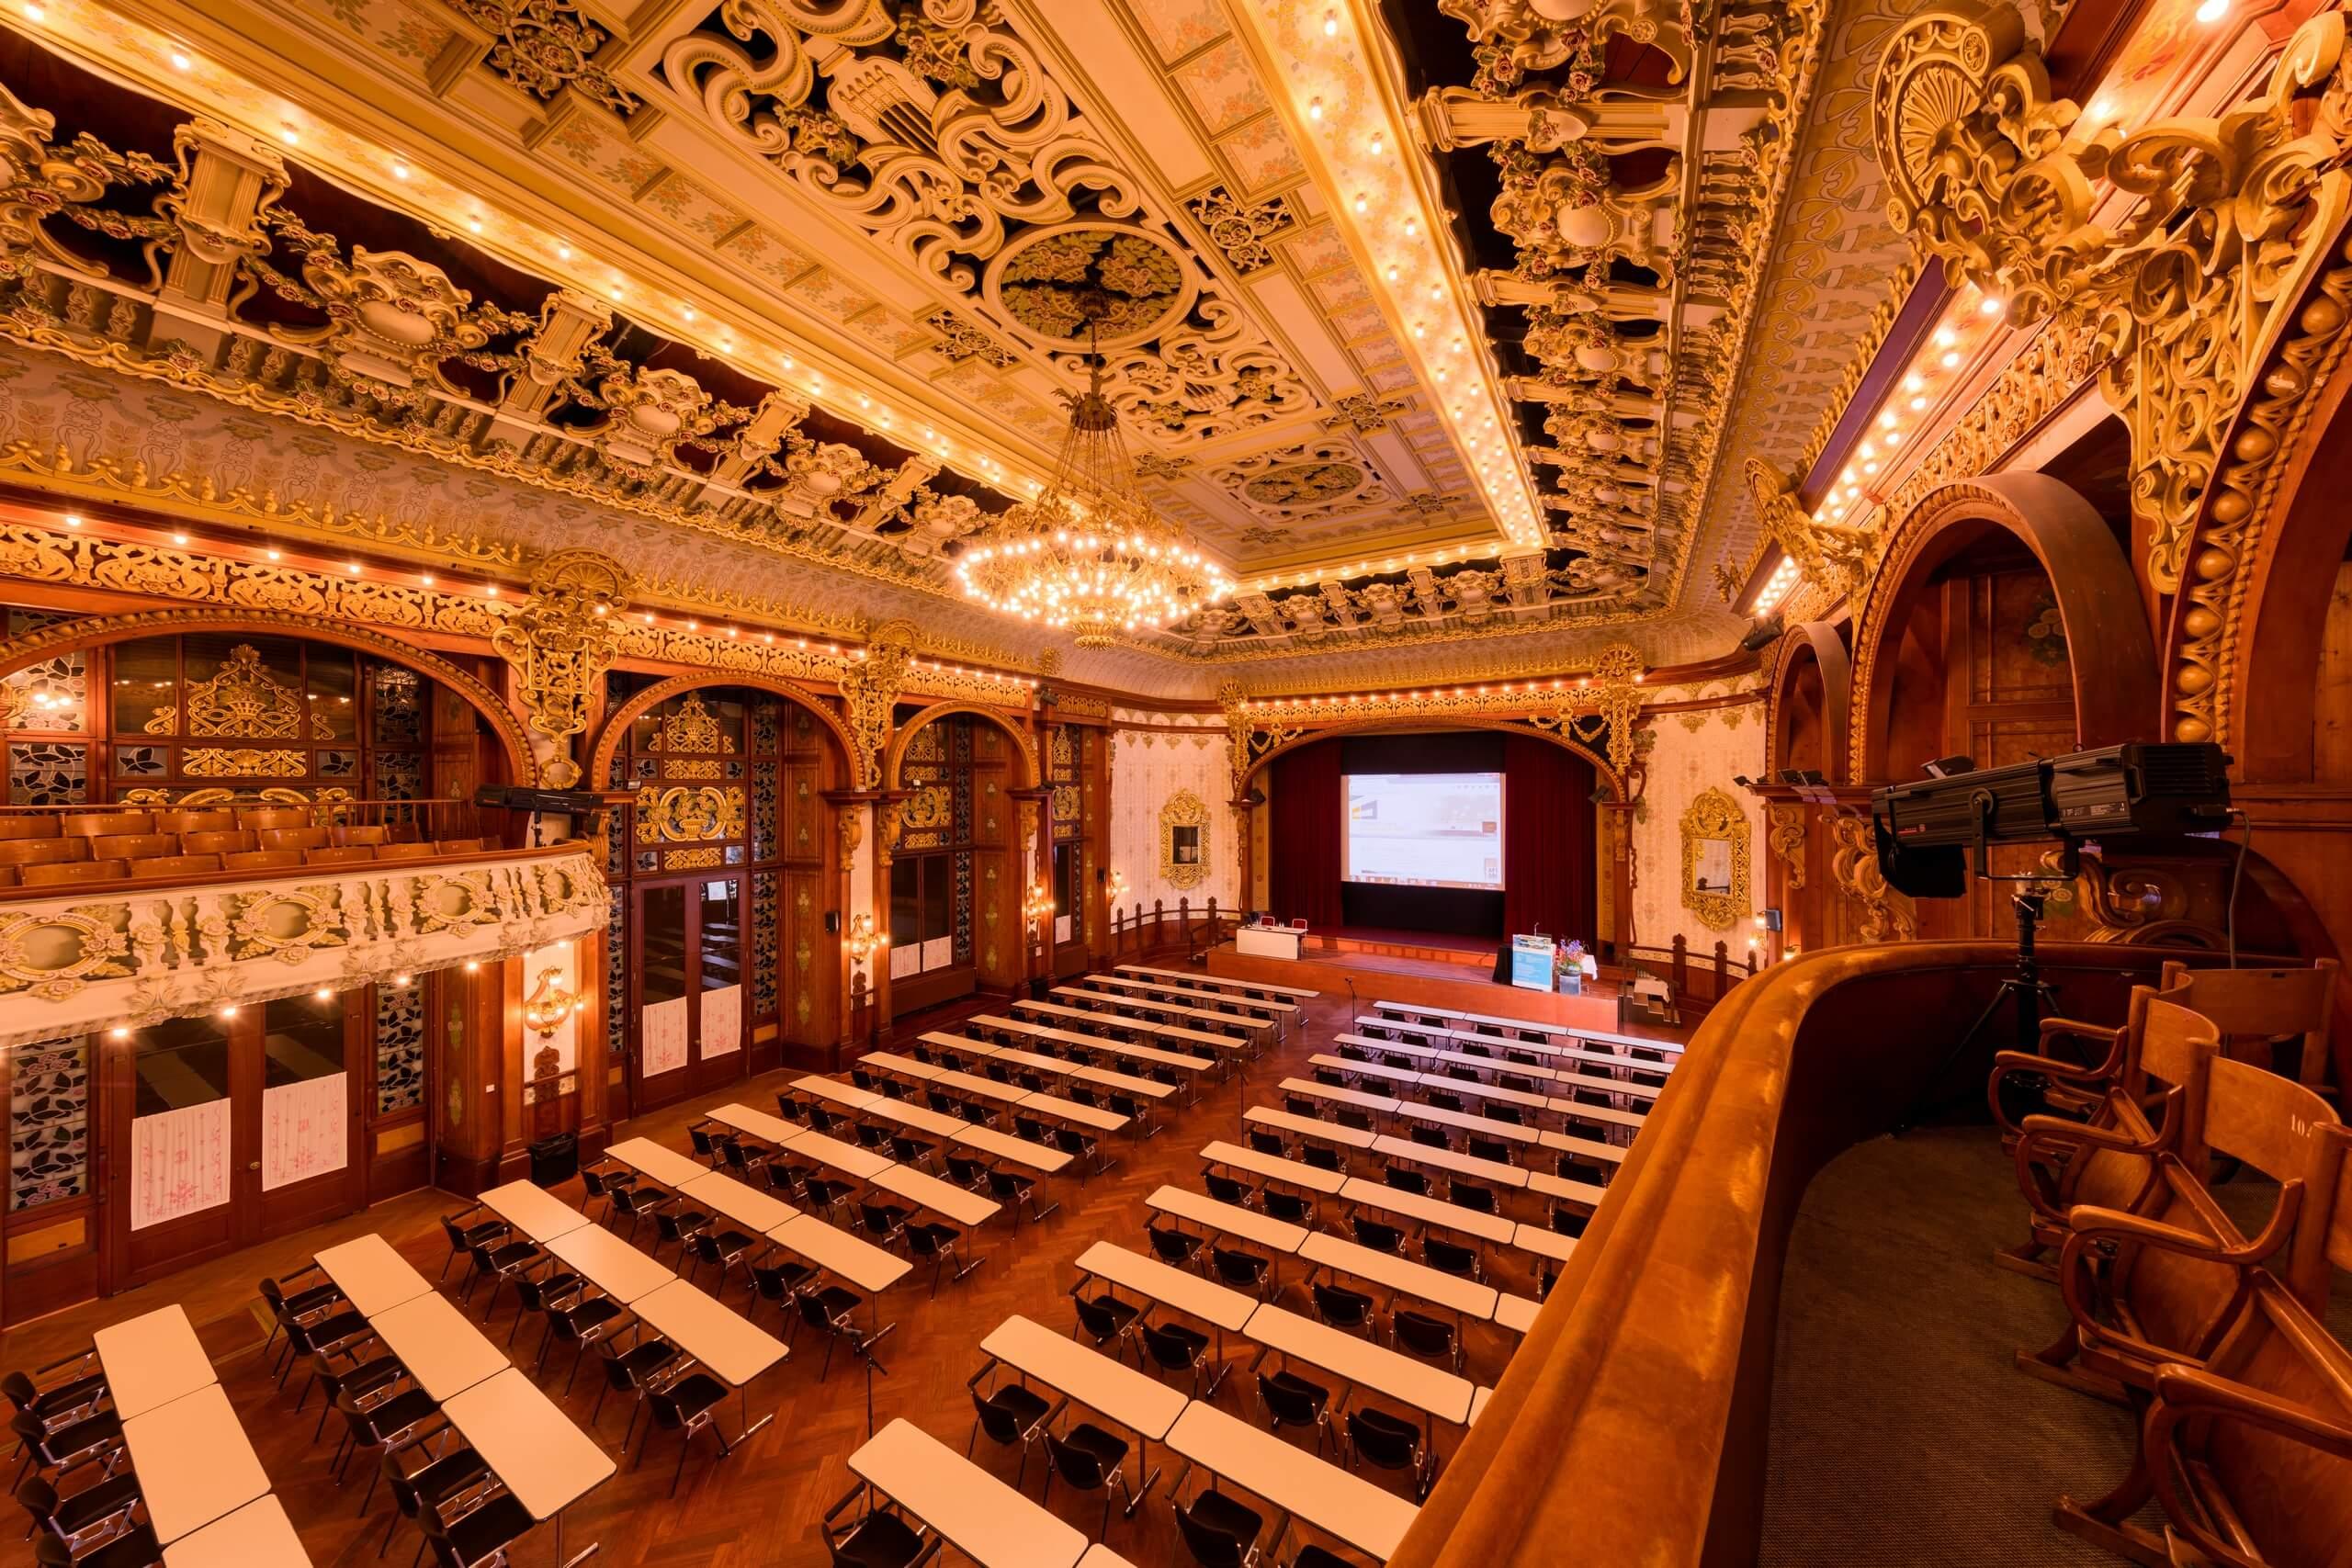 interlaken-kursaal-theatersaal-seminarbestuhlun